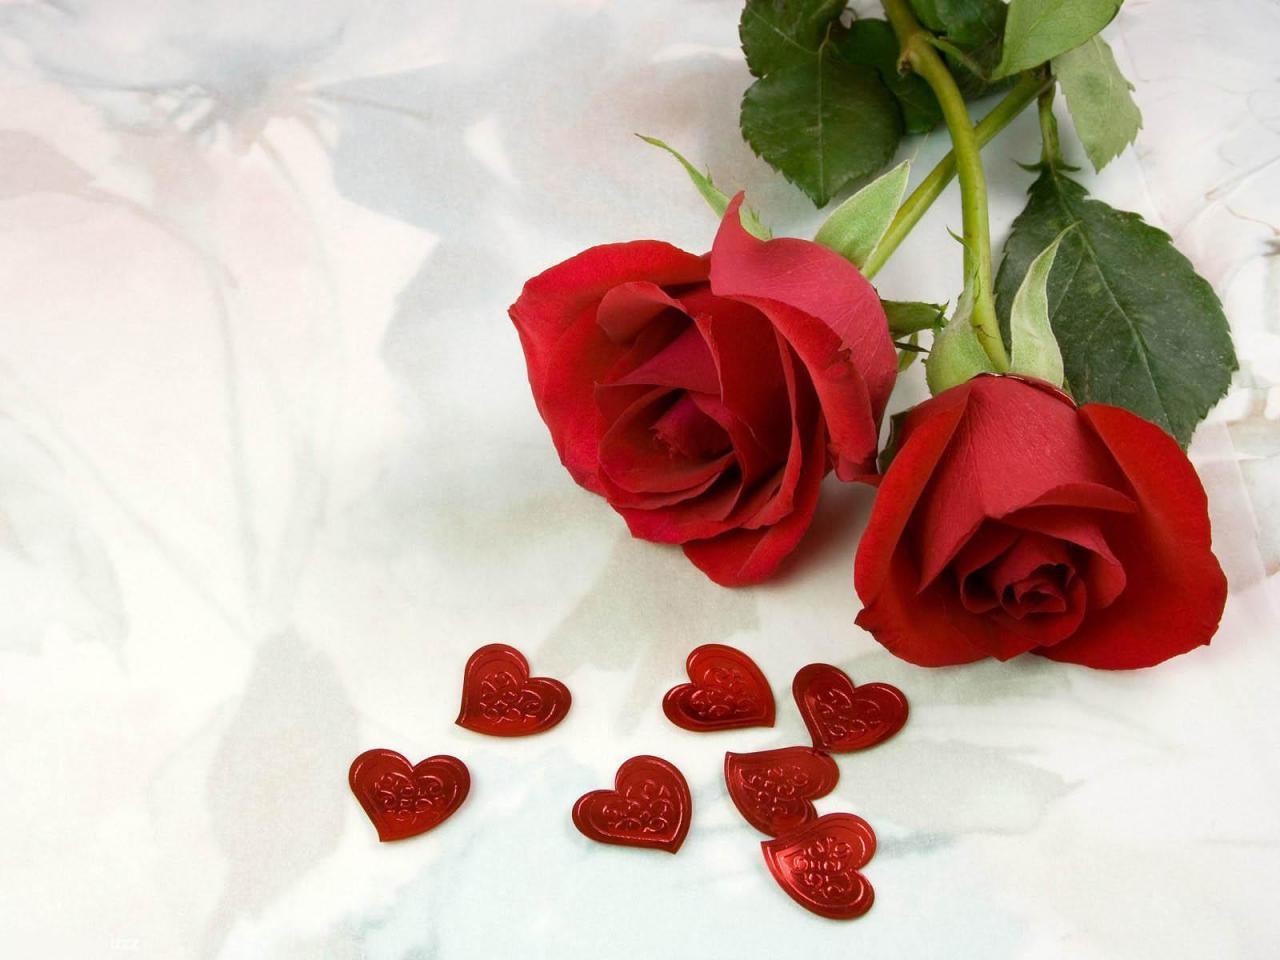 اجمل وردة في العالم 2 The